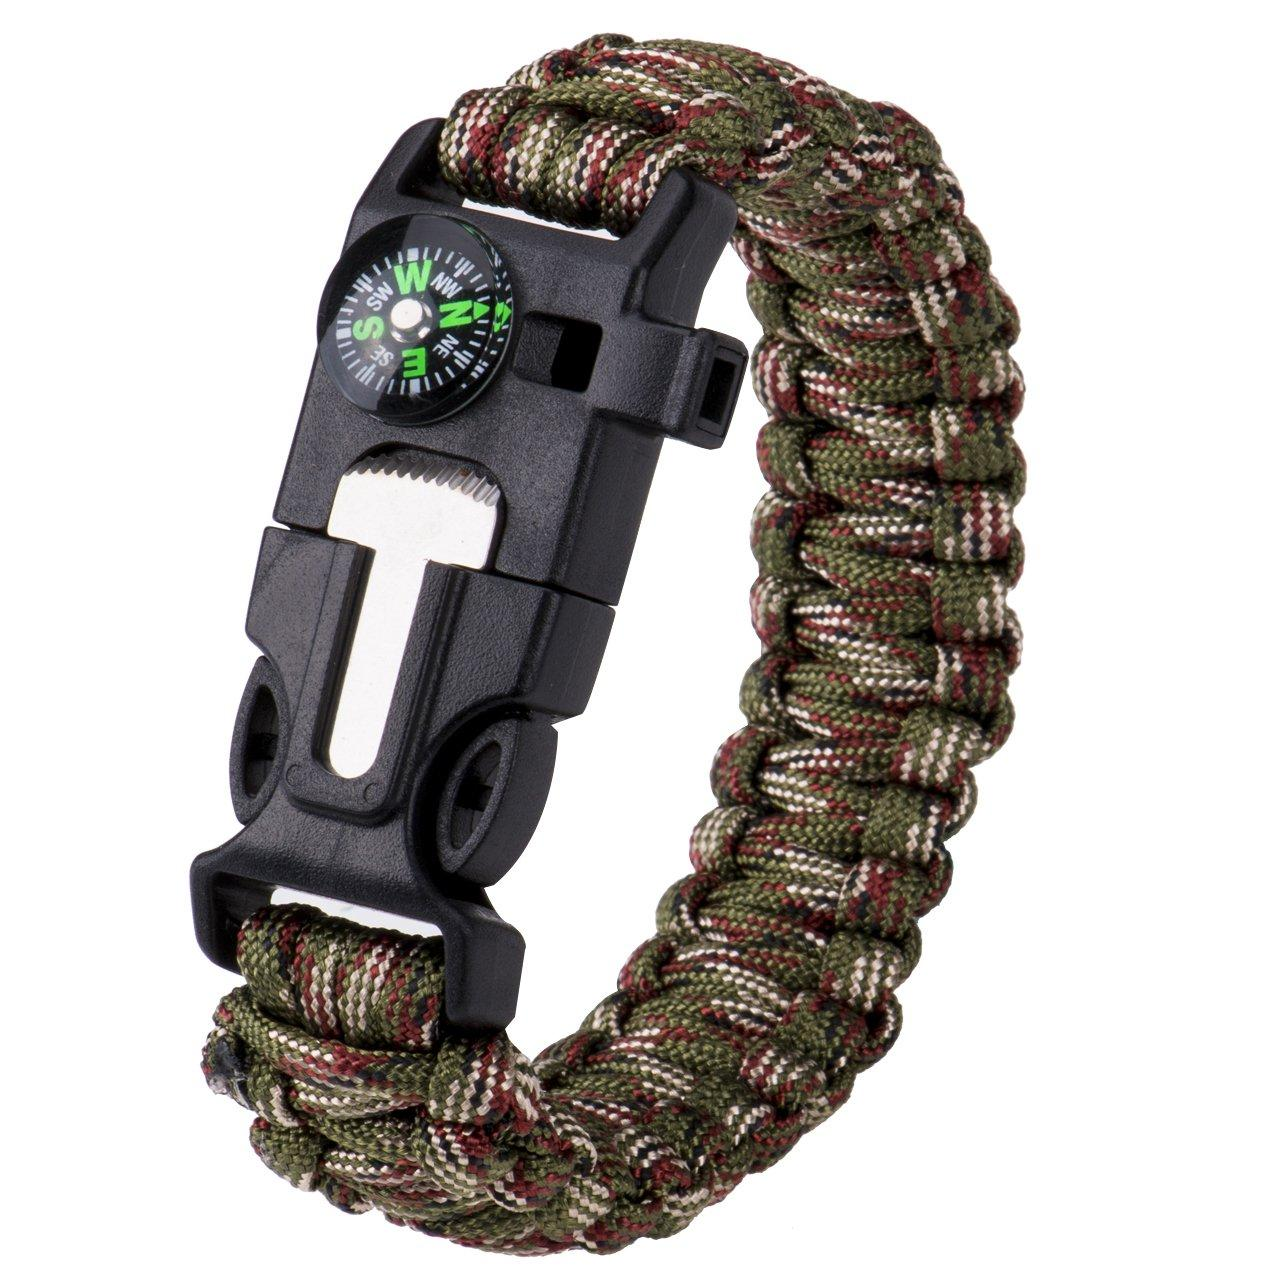 Браслет выживания Survial Paracord тактический green camouflage компас, огниво, свисток, шнур 4 метра